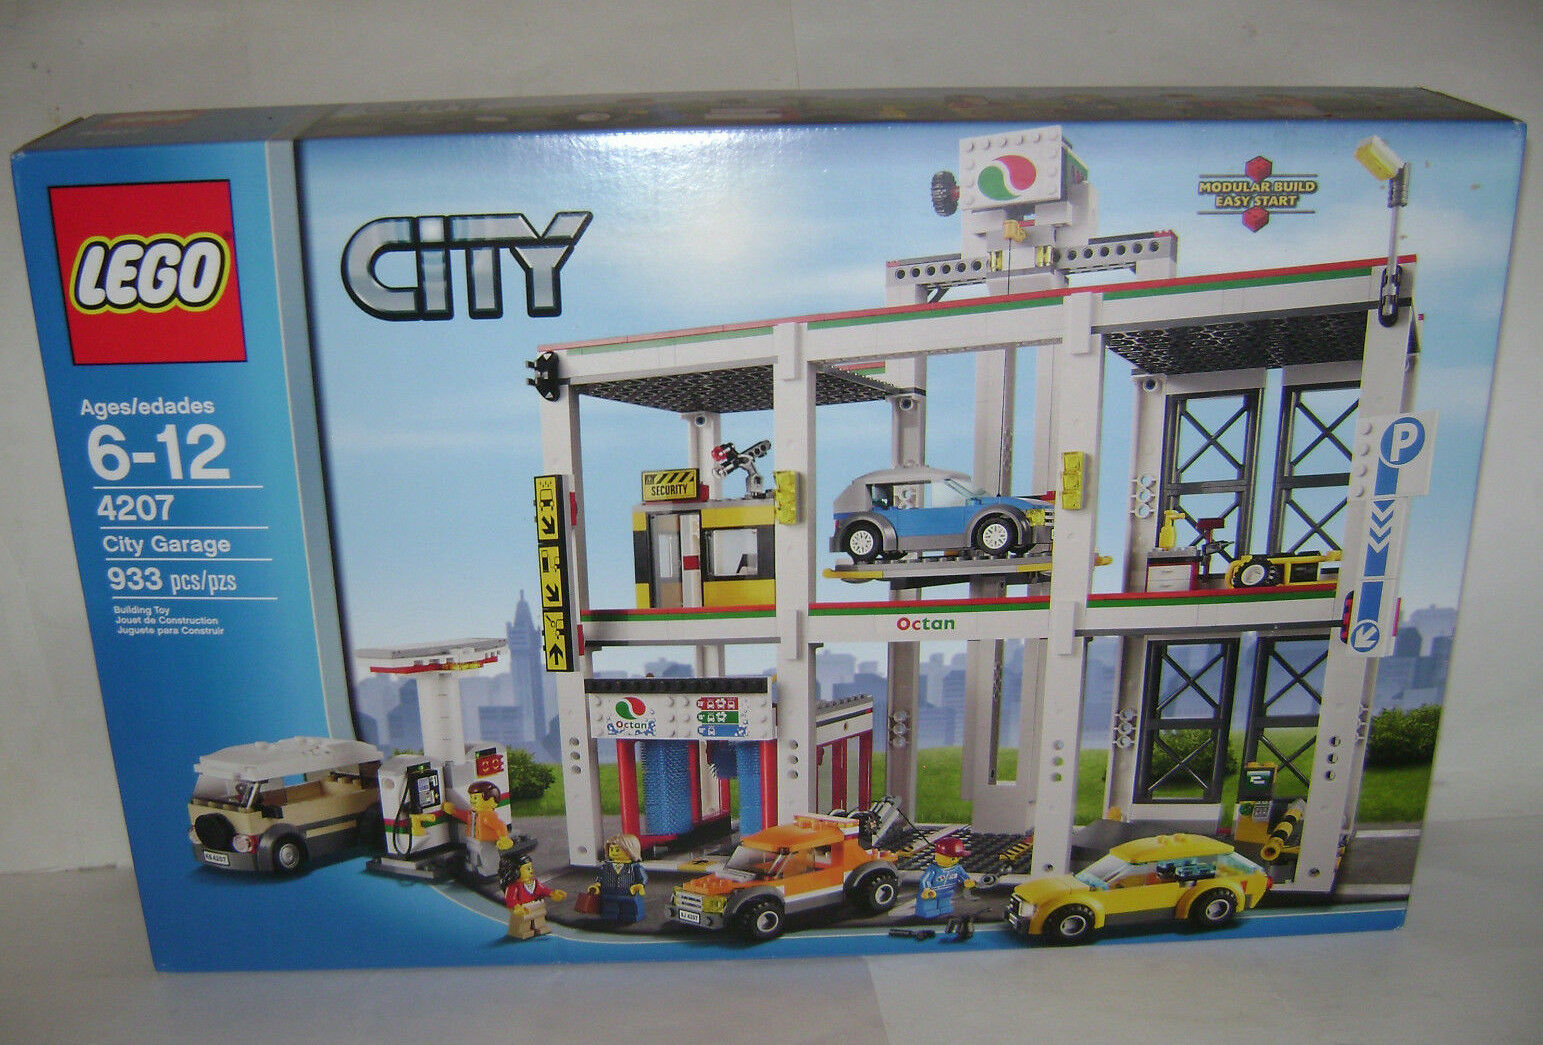 nouveau  4207 Lego CITY City Garage Building Toy SEALED BOX RETIrouge RARE A  prix raisonnable